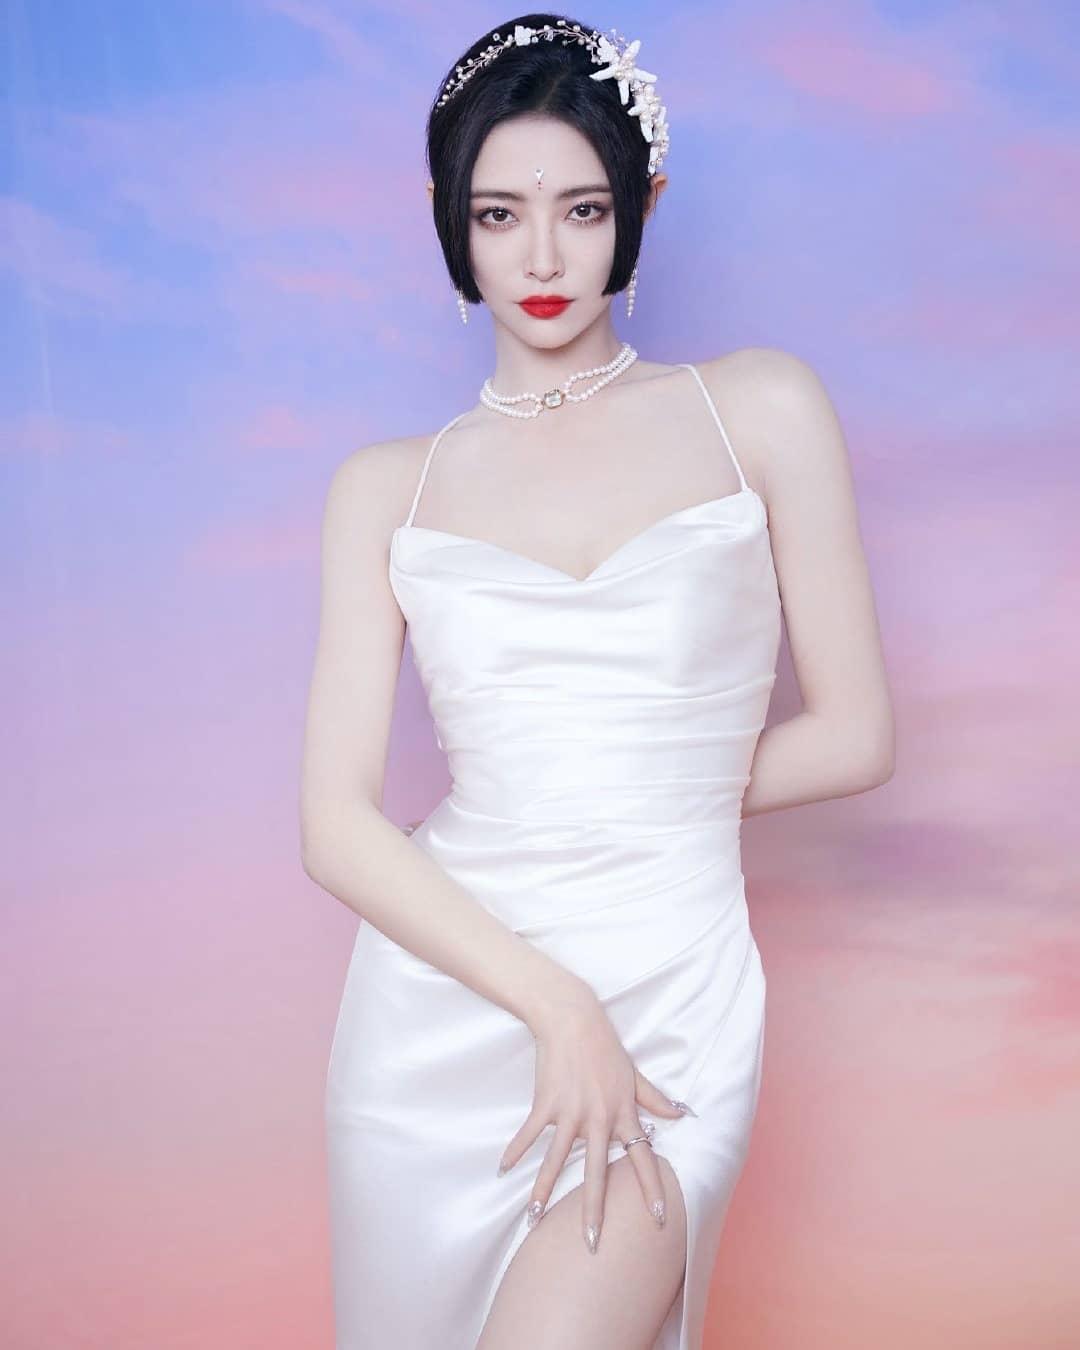 Bờ vai không mỡ thừa của nữ idol dường như sinh ra để diện những bộ váy hai dây mỏng manh.